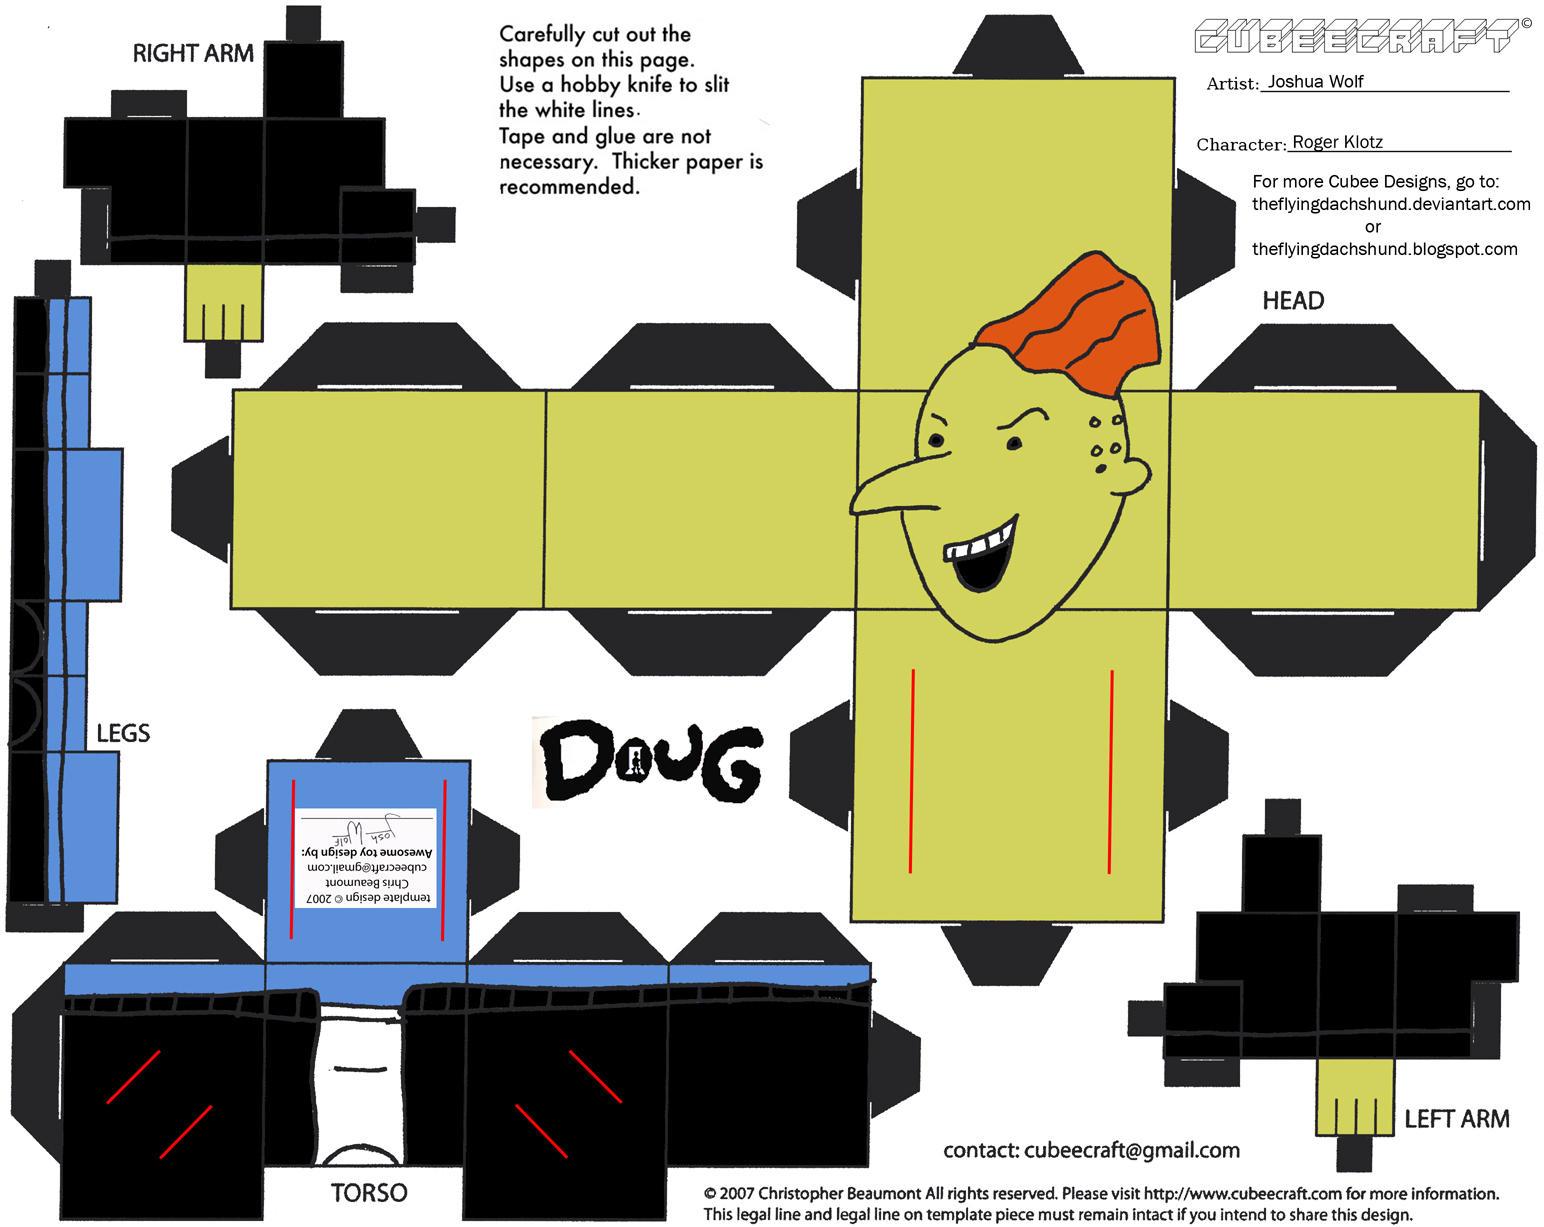 Doug: Roger Klotz Cubee by TheFlyingDachshund